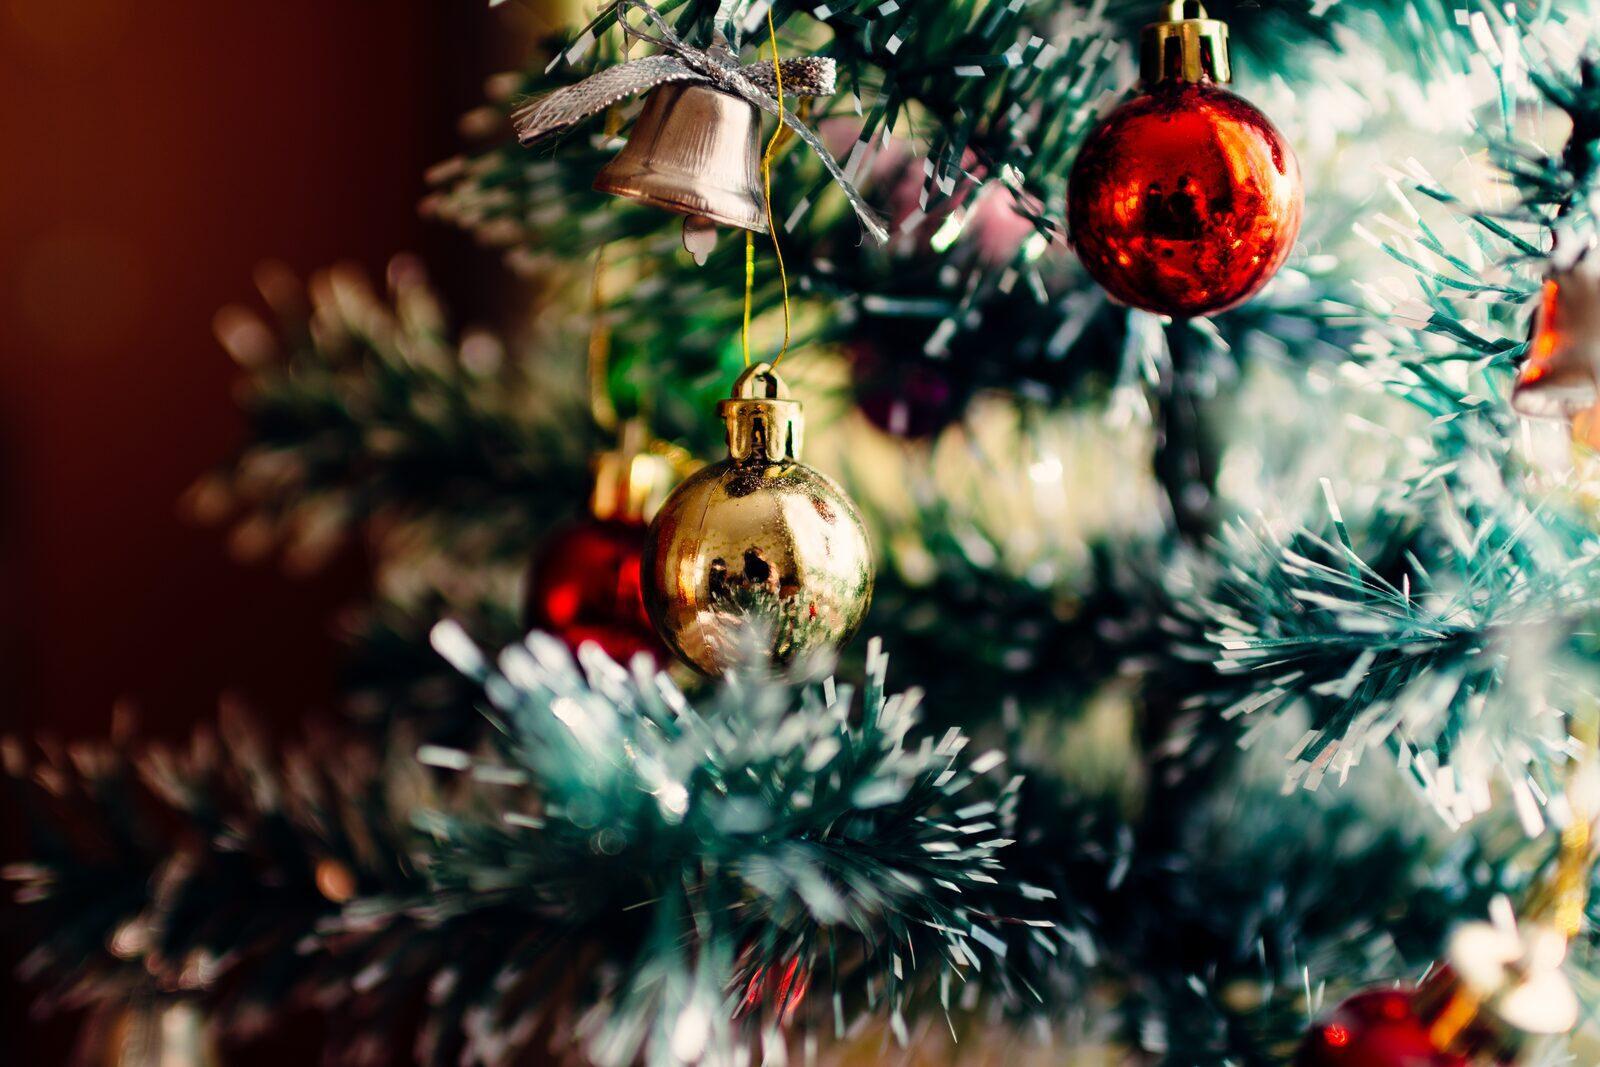 Holiday home Christmas holiday